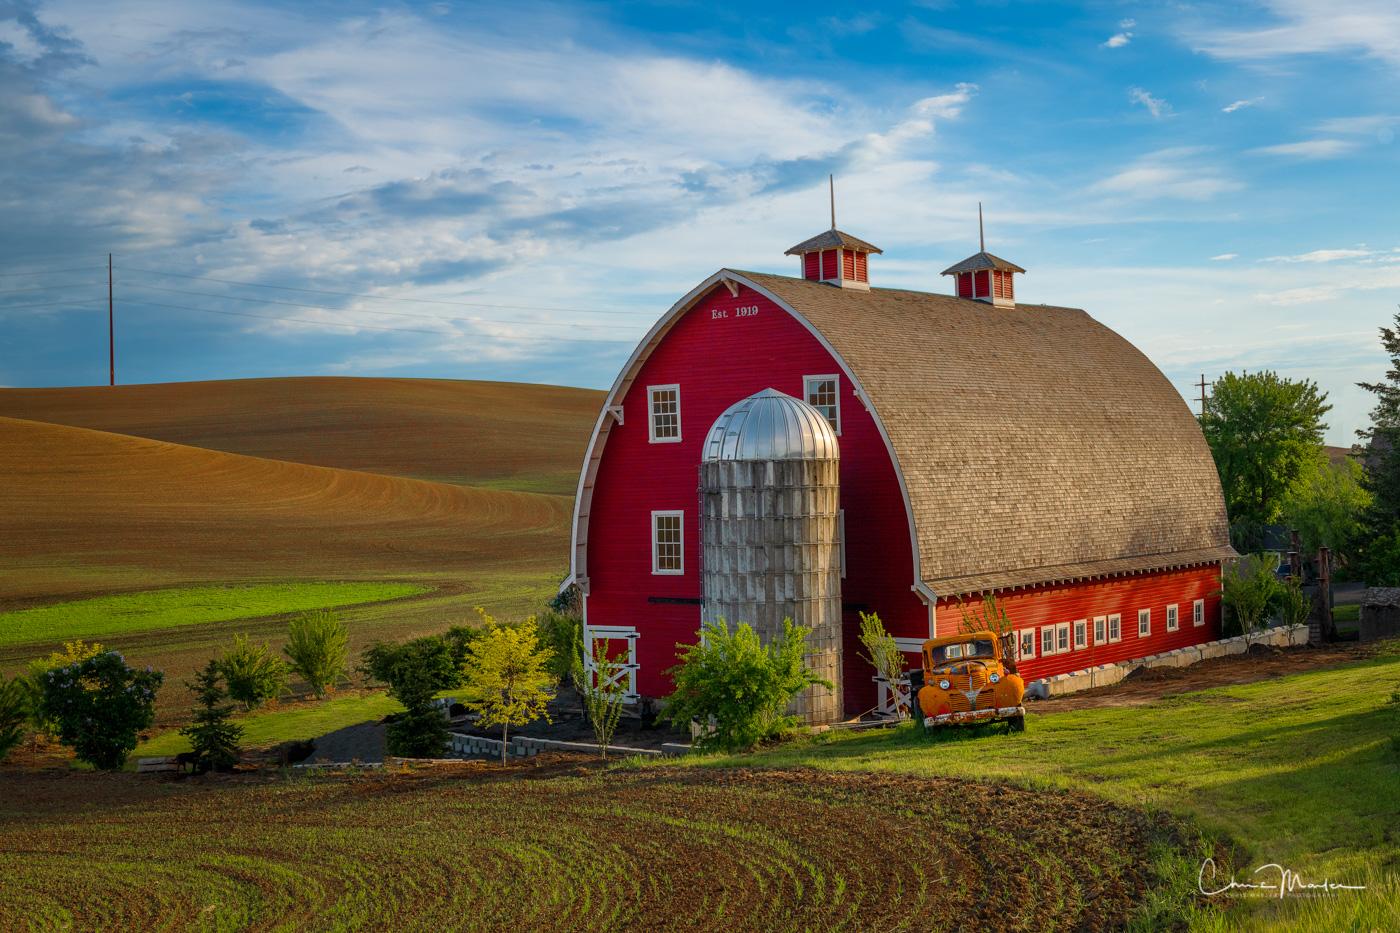 rural America, Palouse, Heidenreich Dairy Barn, orange truck, Colfax, photo